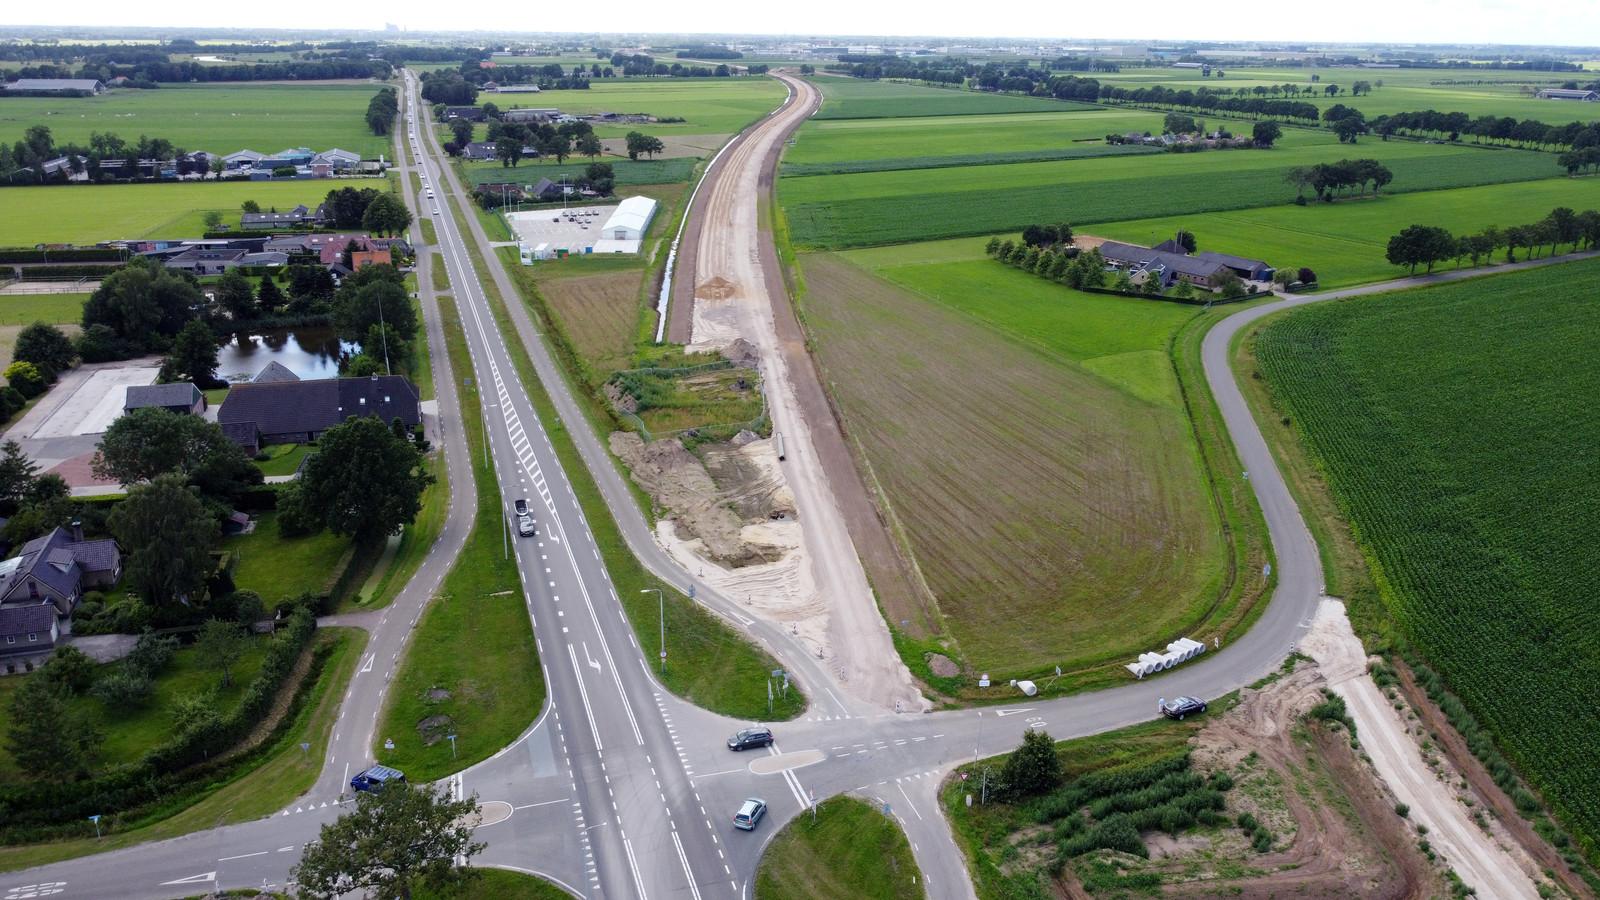 Op dit moment wordt er al volop gewerkt aan verbetering van de verkeersdoorvoer en -veiligheid in het Vechtdal, onder meer tussen Zwolle en  Dalfsen (aansluiting nieuw viaduct, zie foto).